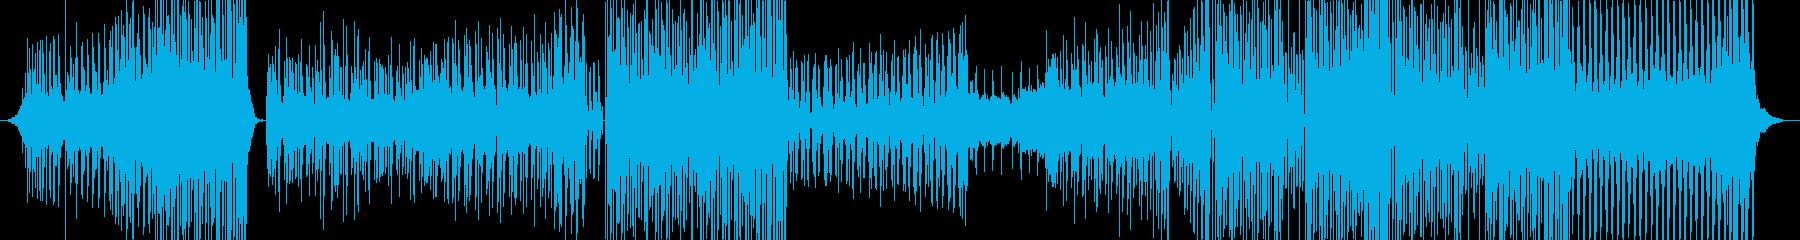 軽快で優しいバウンスミュージック EDMの再生済みの波形